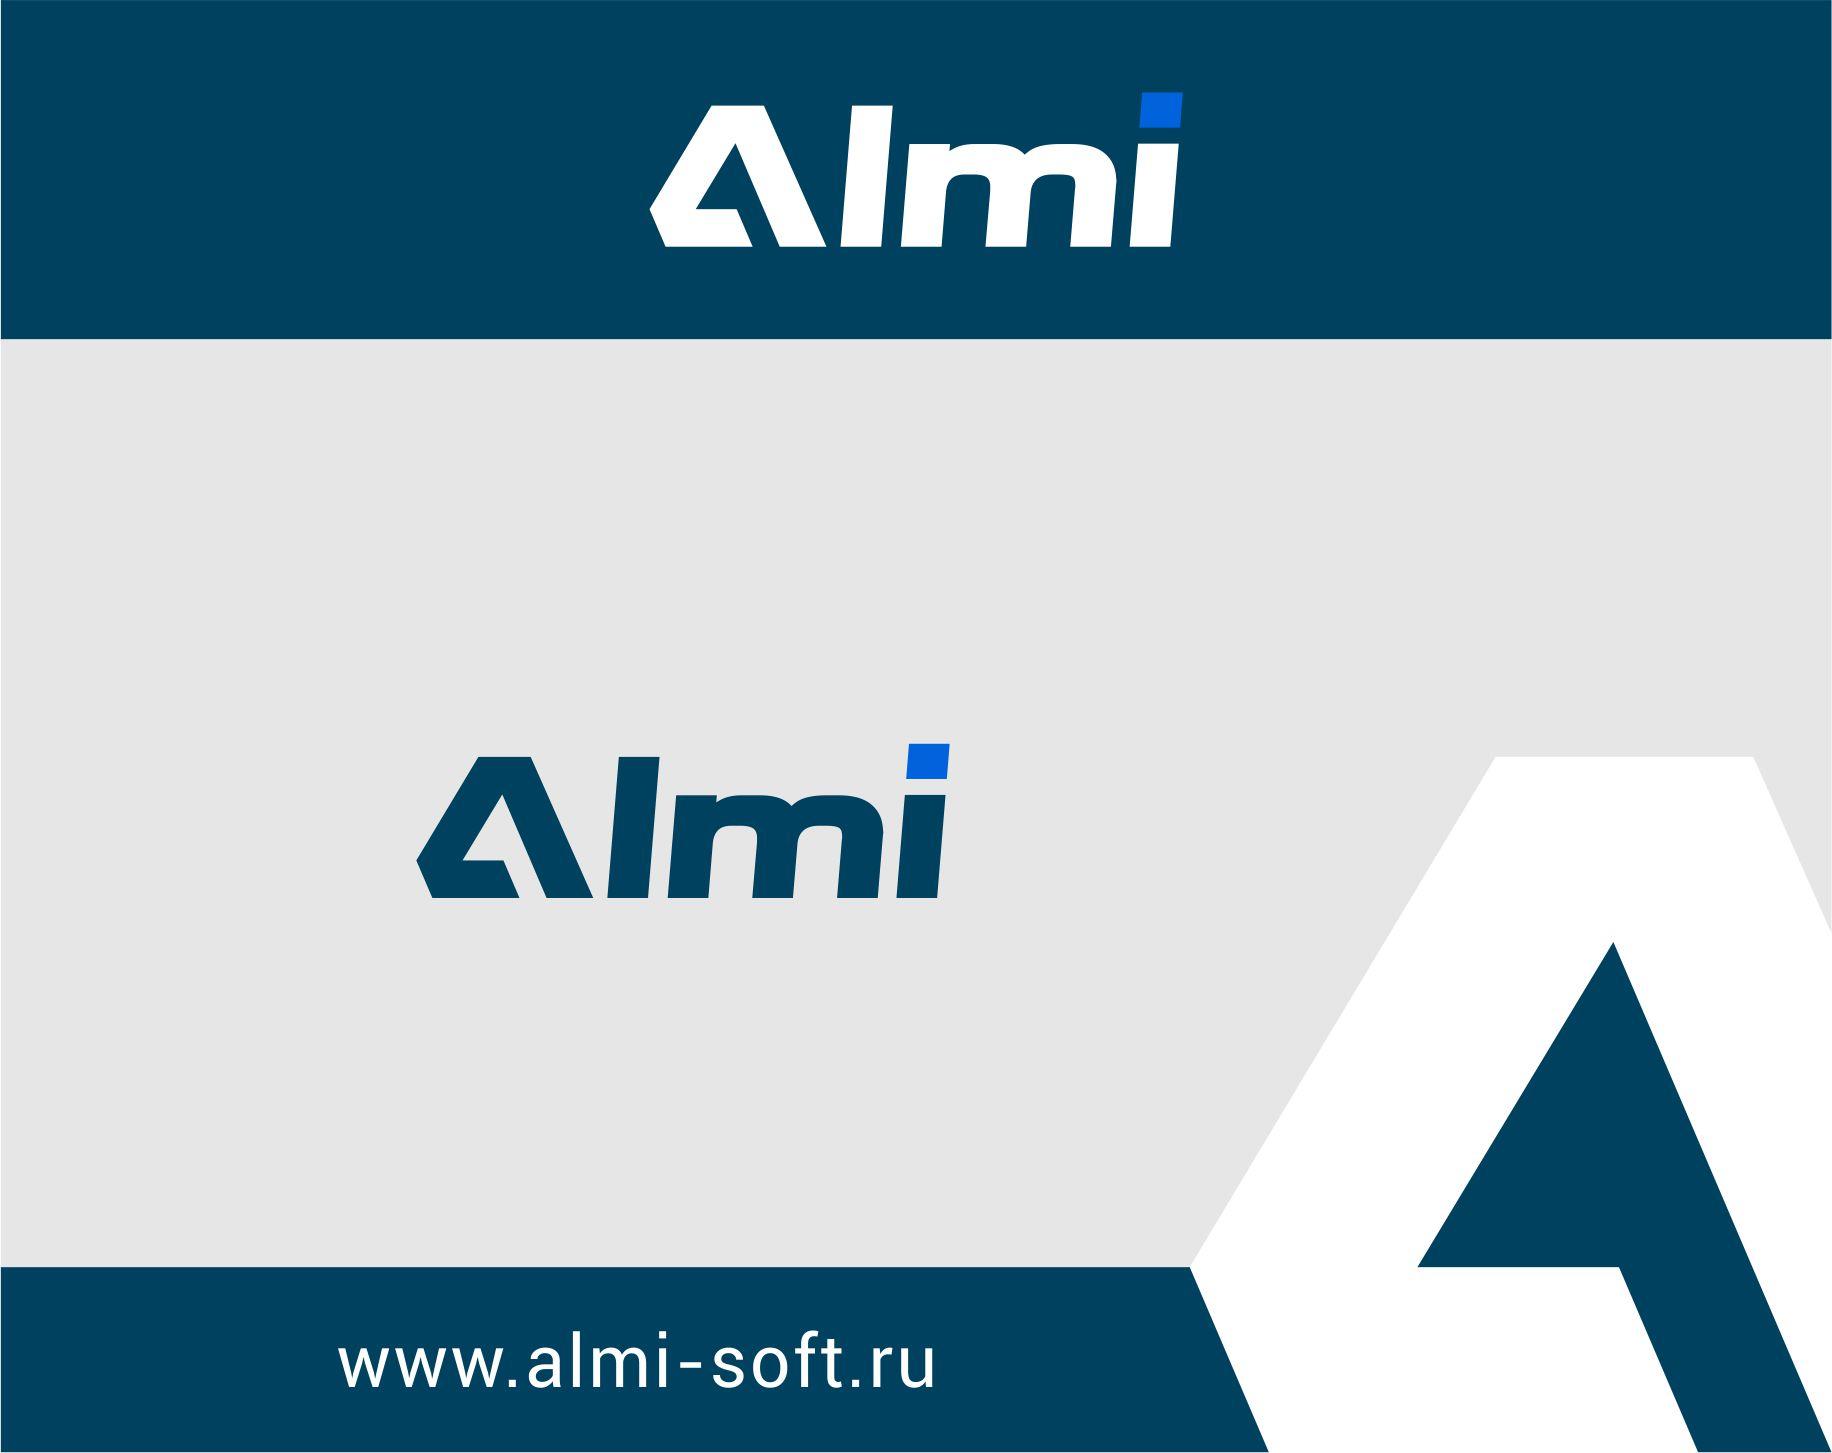 Разработка логотипа и фона фото f_5785989fc61f2c31.jpg